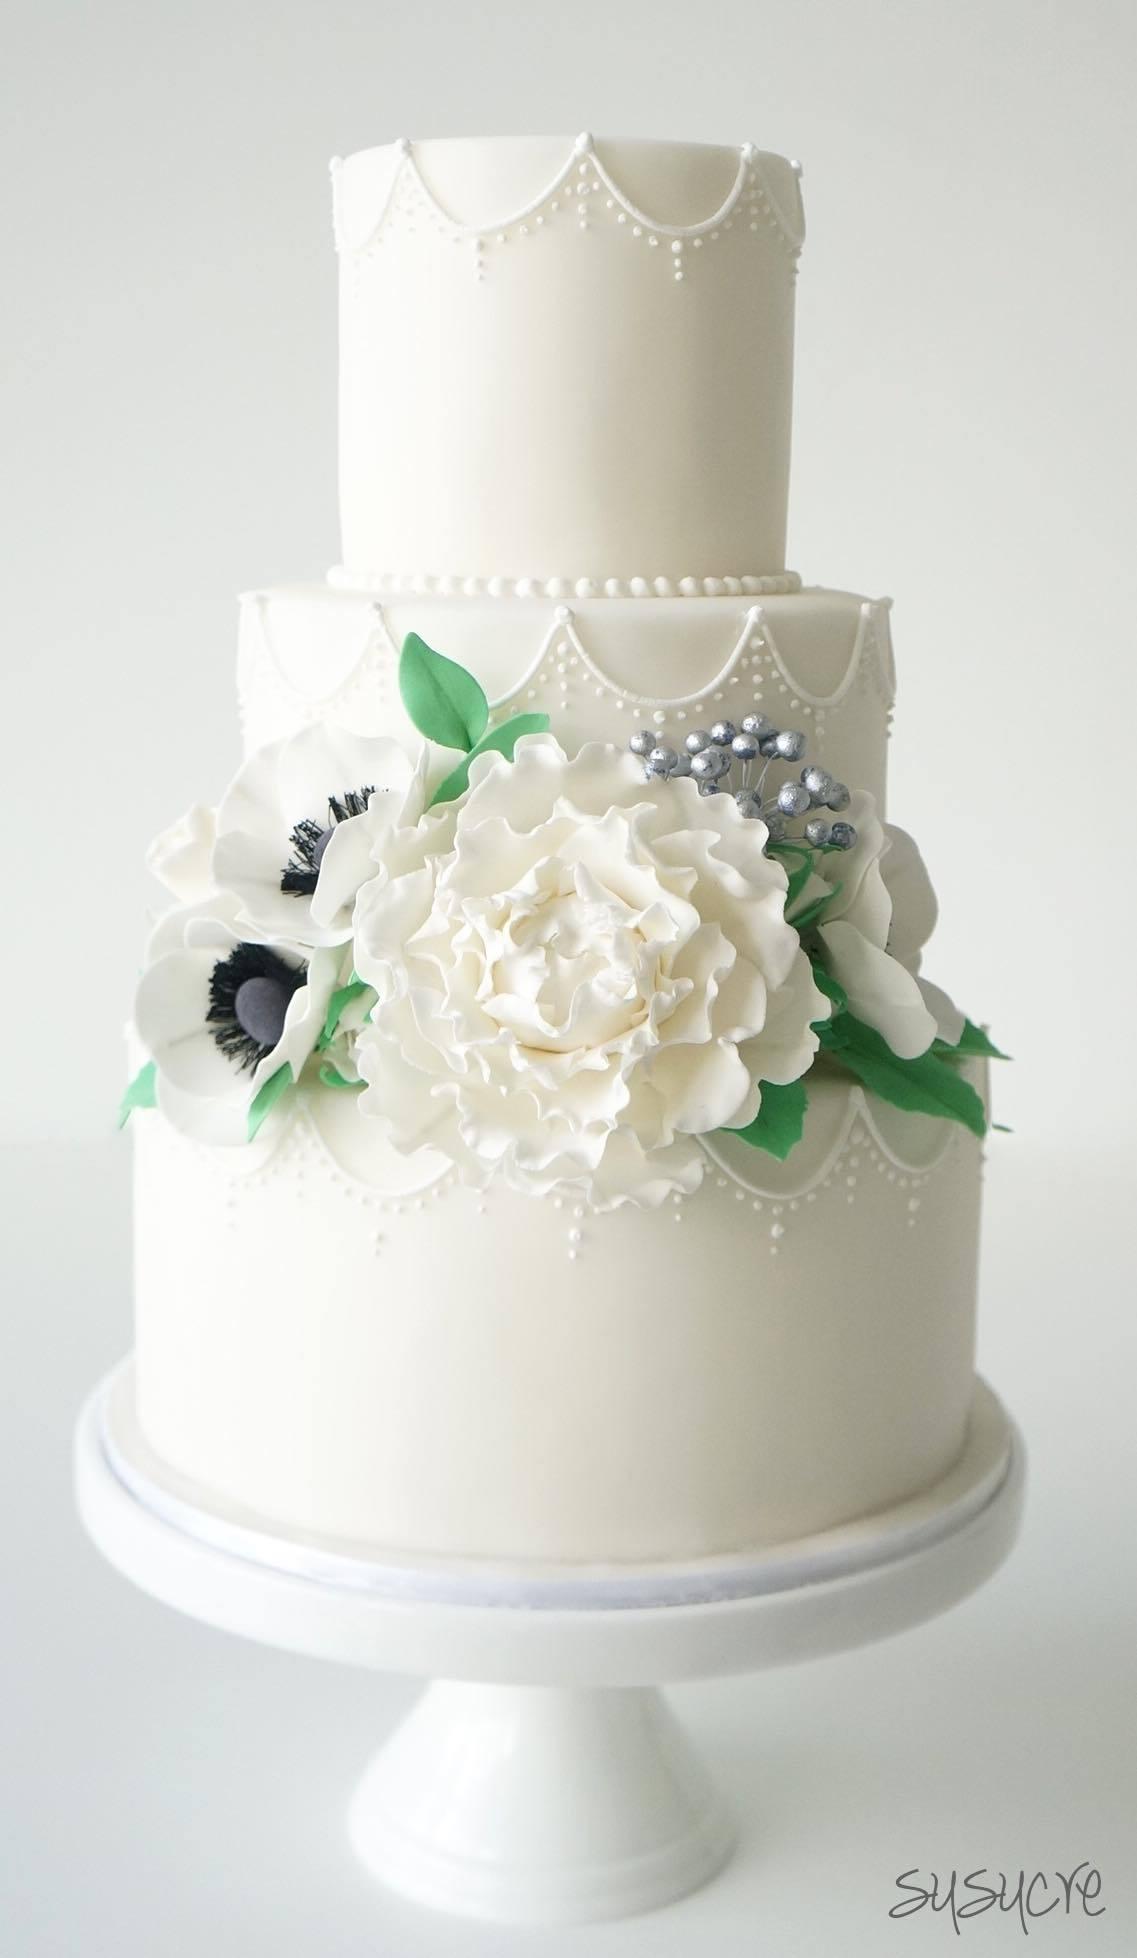 Susucre Pte Ltd   Wedding Wedding Cake in Singapore   Bridestory.com